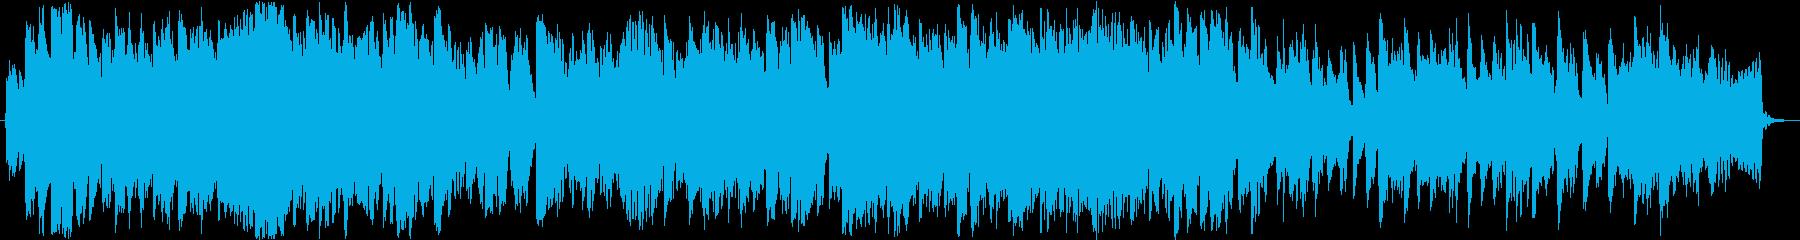 ピアノ フルート 優しい エンディングの再生済みの波形